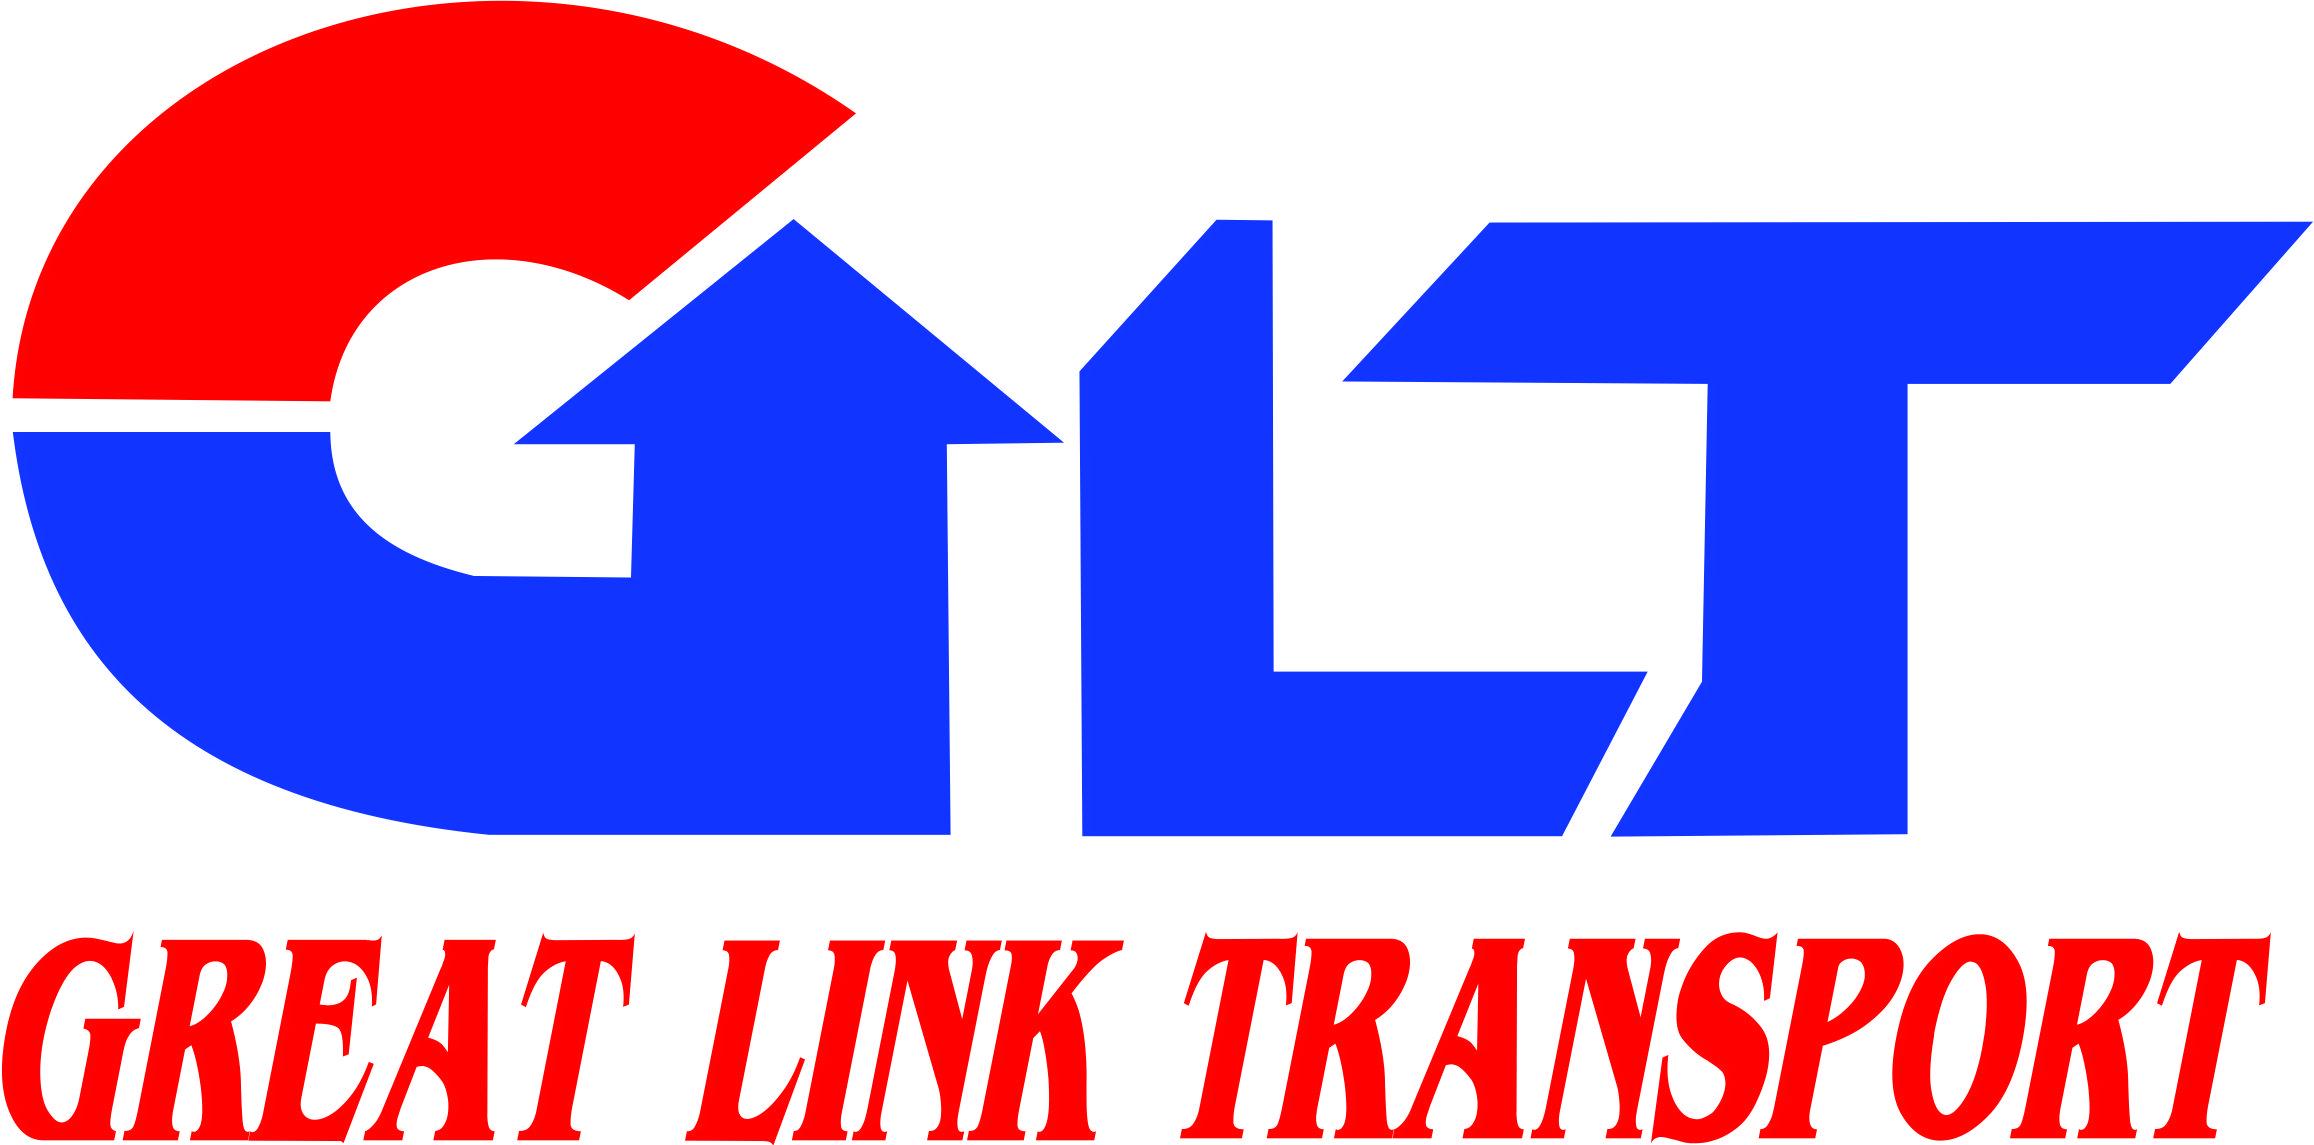 Great Link Transport